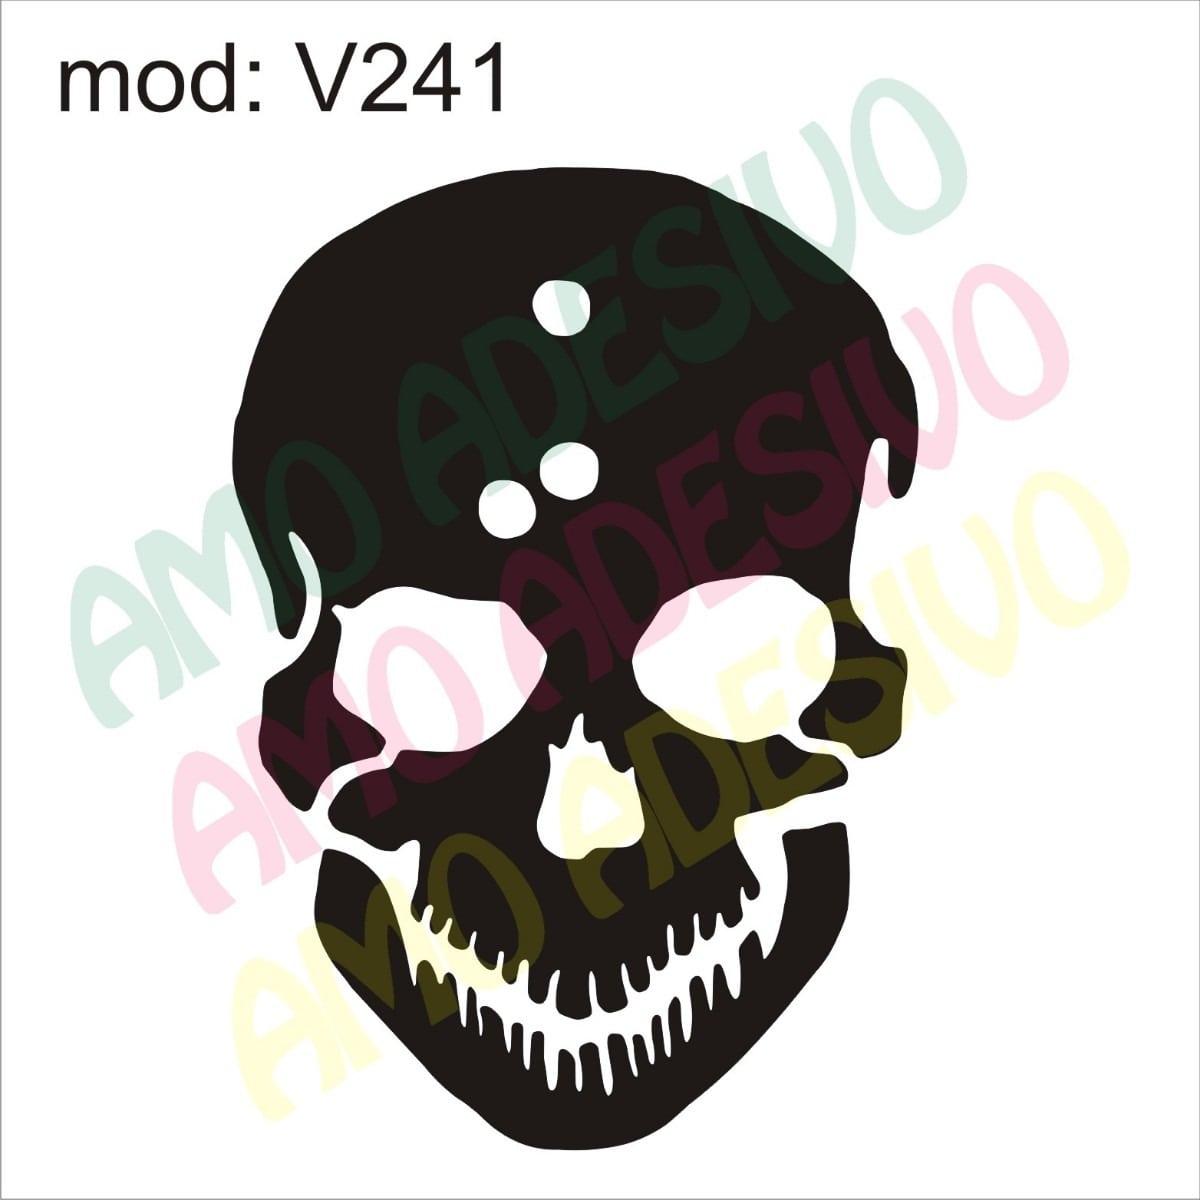 adesivo_v241_desenho_abstrato_caveira_rock_punk_de_parede_7.jpg